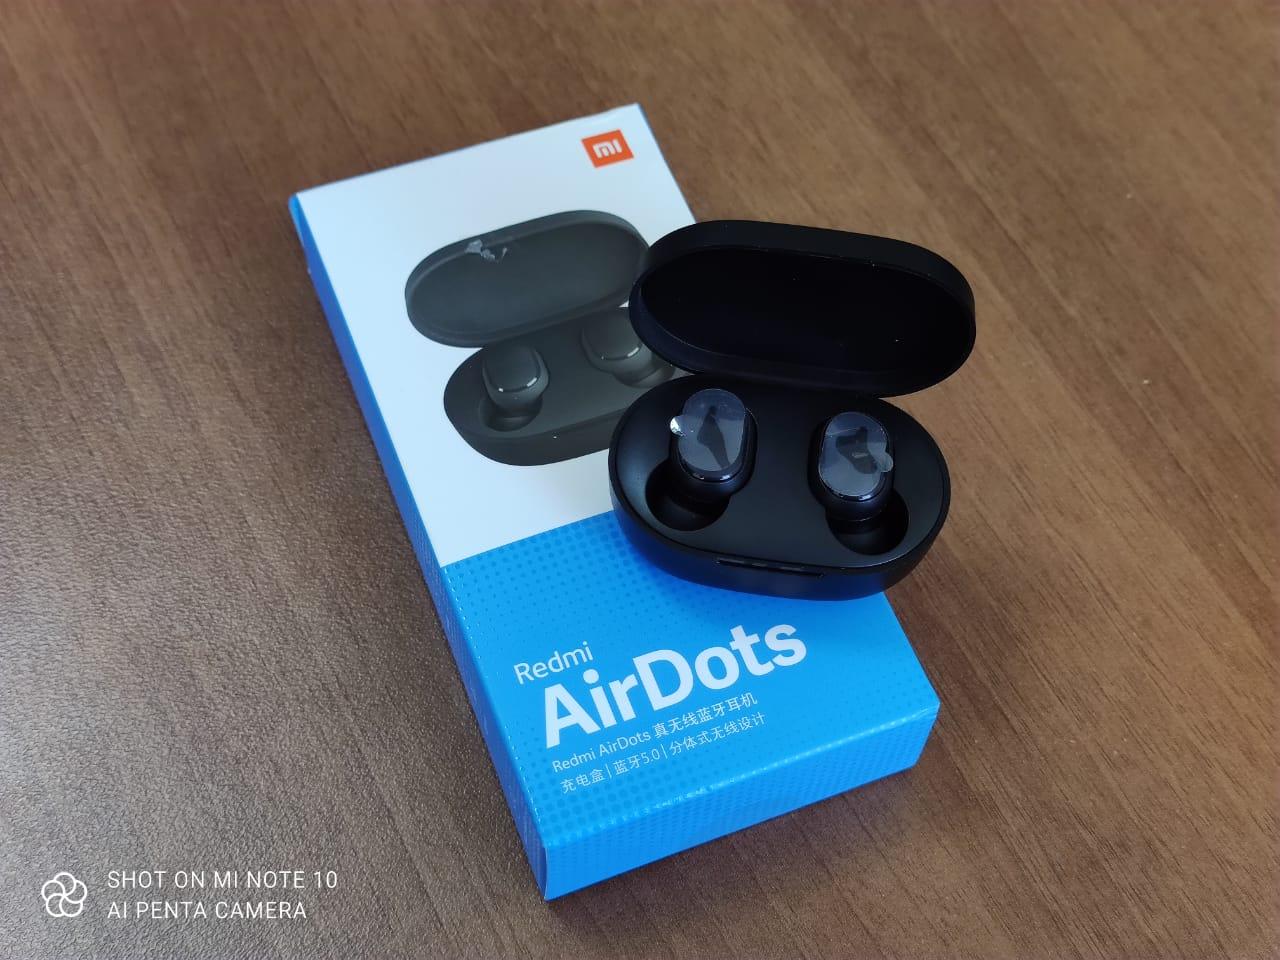 Yeni Redmi AirDots satılır. Qiyməti 35 man